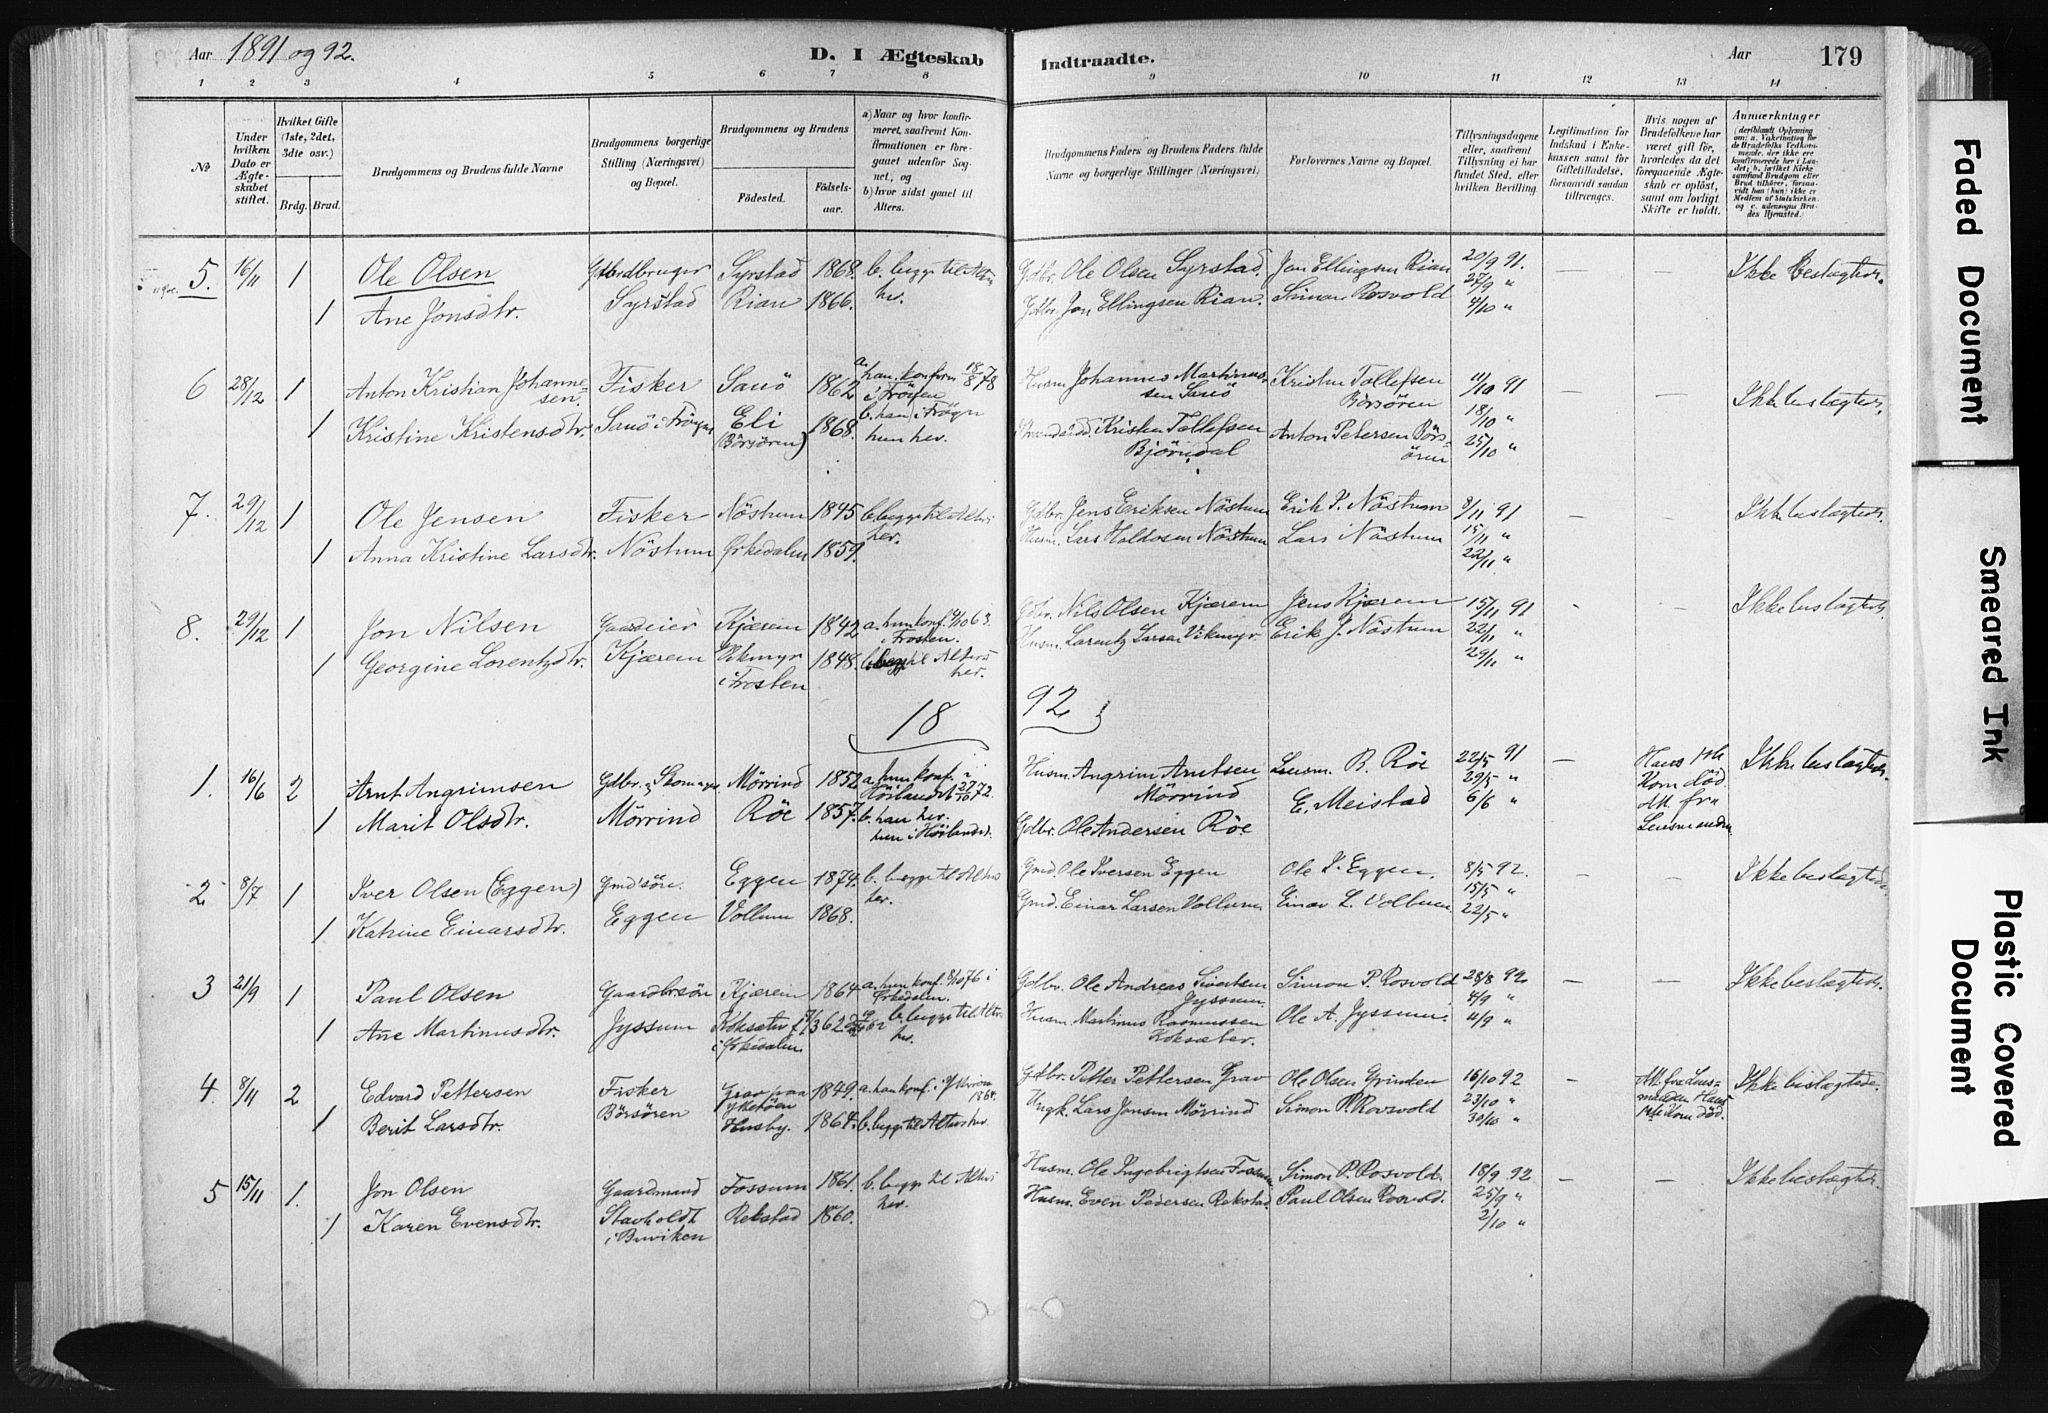 SAT, Ministerialprotokoller, klokkerbøker og fødselsregistre - Sør-Trøndelag, 665/L0773: Ministerialbok nr. 665A08, 1879-1905, s. 179